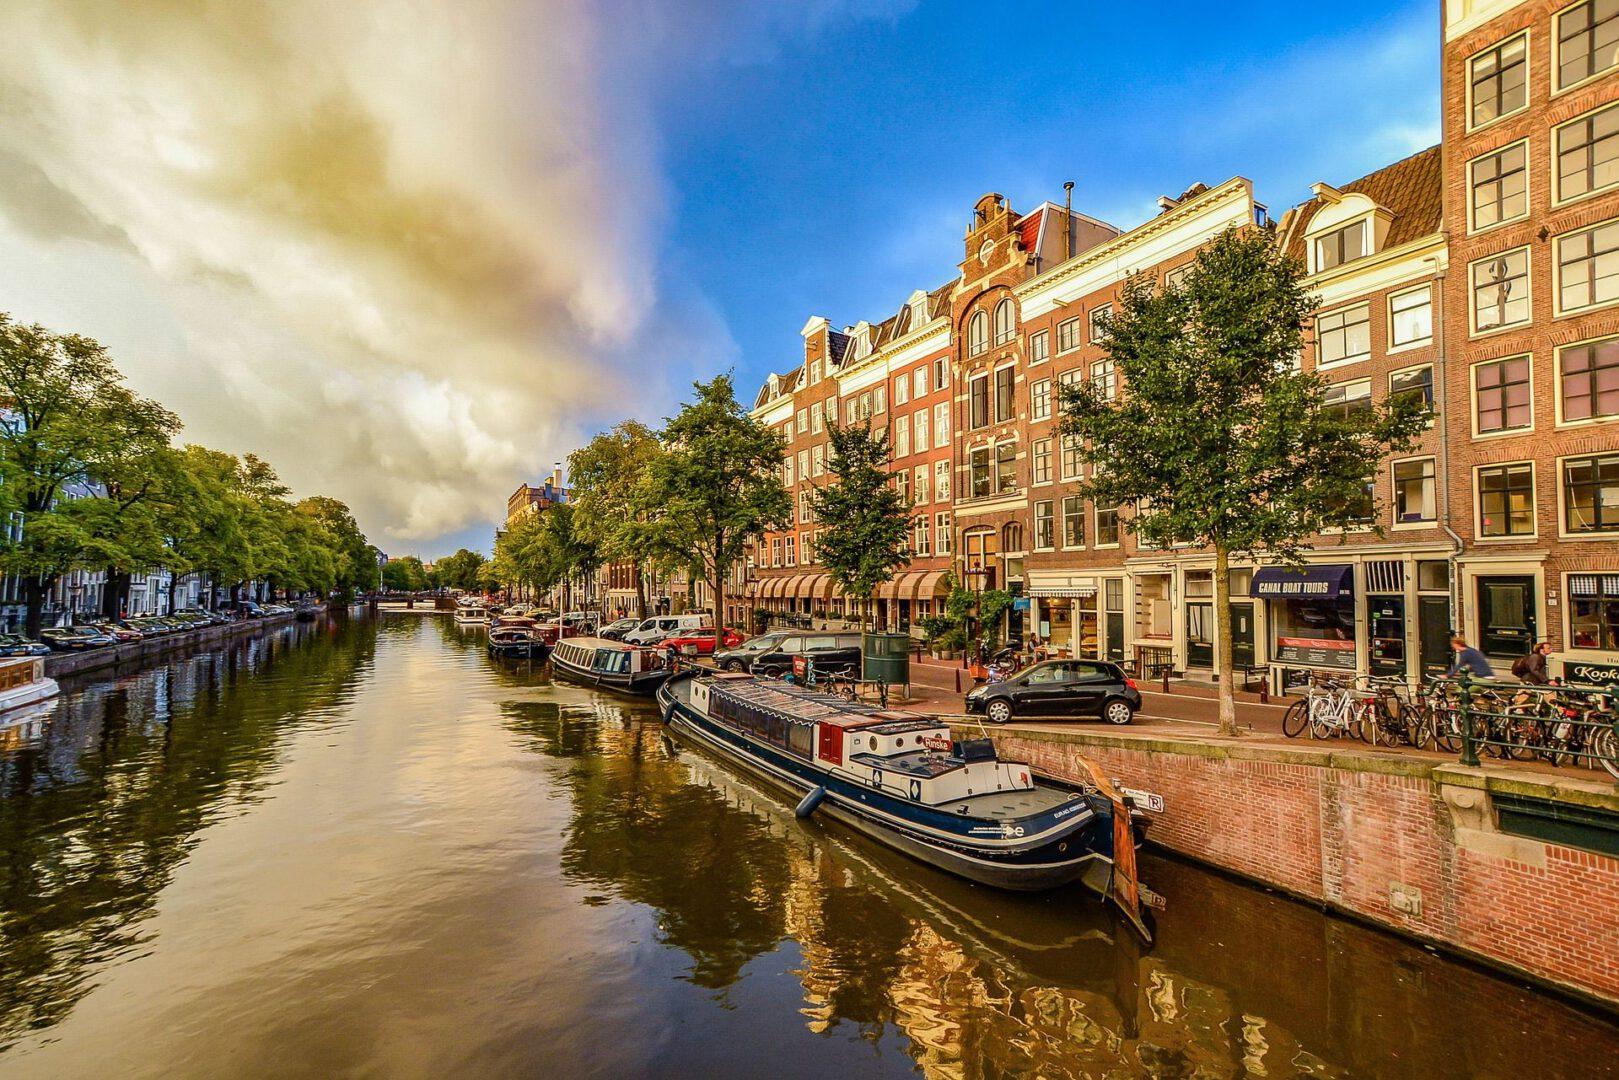 גידול בחיפושי טיסות לאמסטרדם